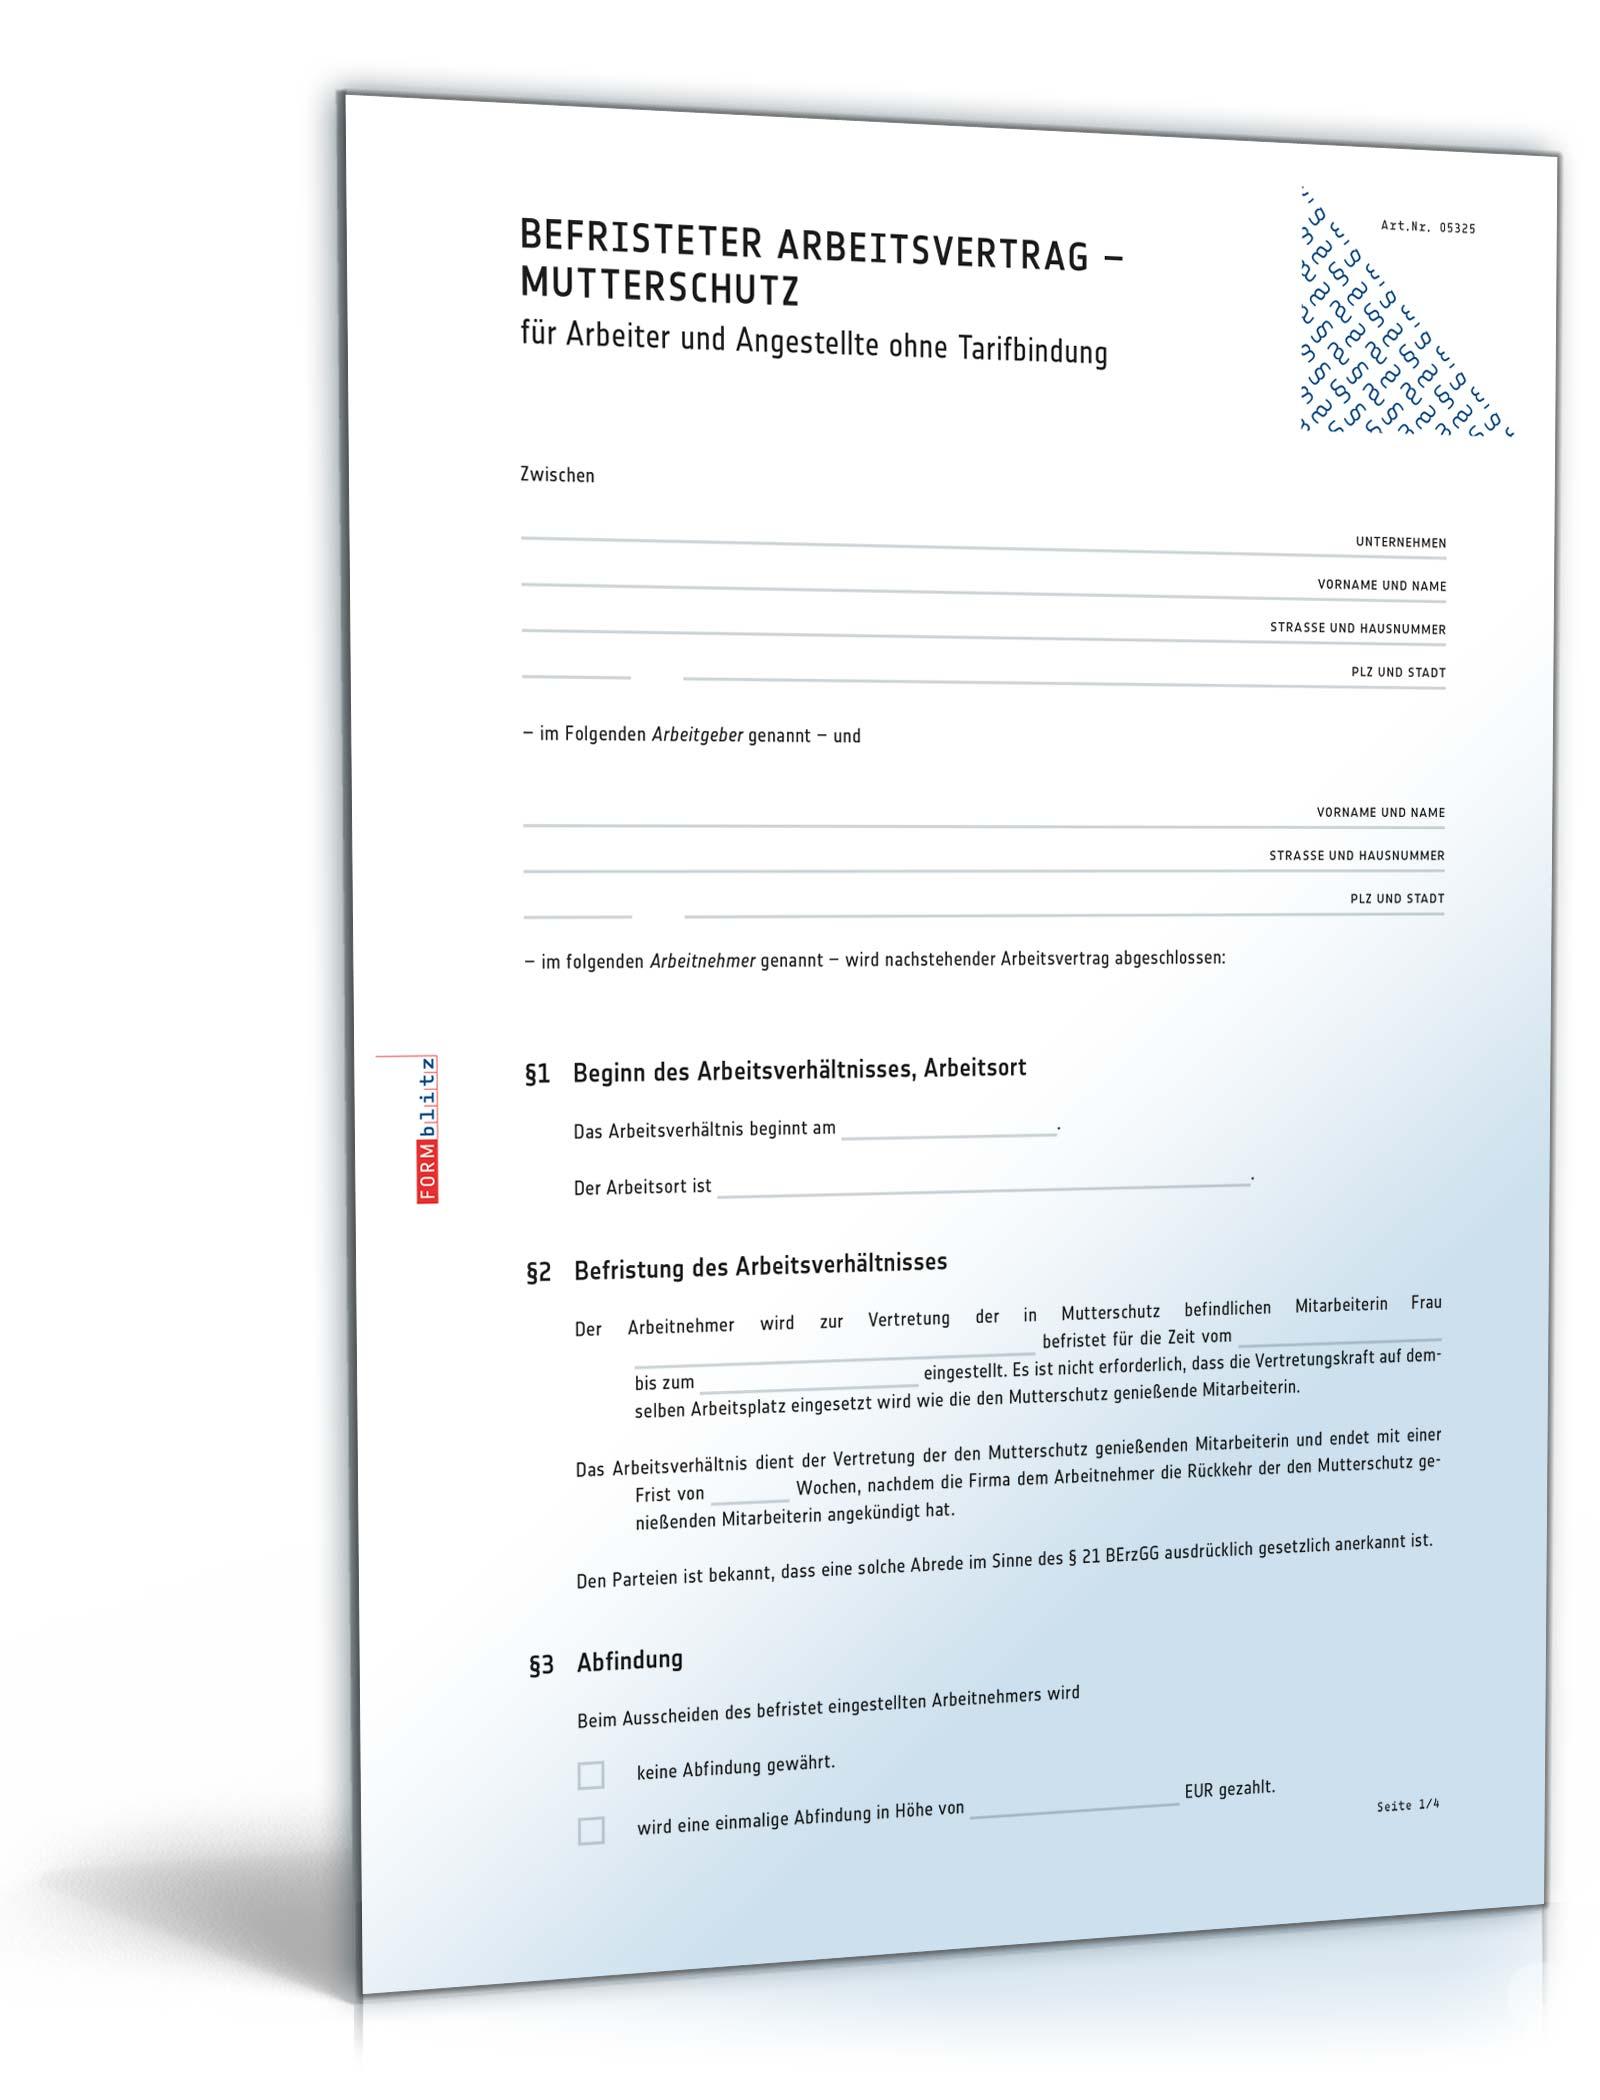 Der älteste für Deutschland noch in Kraft befindliche bilaterale Vertrag ist der Freundschafts-, Handels- und Schifffahrtsvertrag zwischen Preußen und den Staaten des Deutschen Zollvereins einerseits und Argentinien andererseits vom September